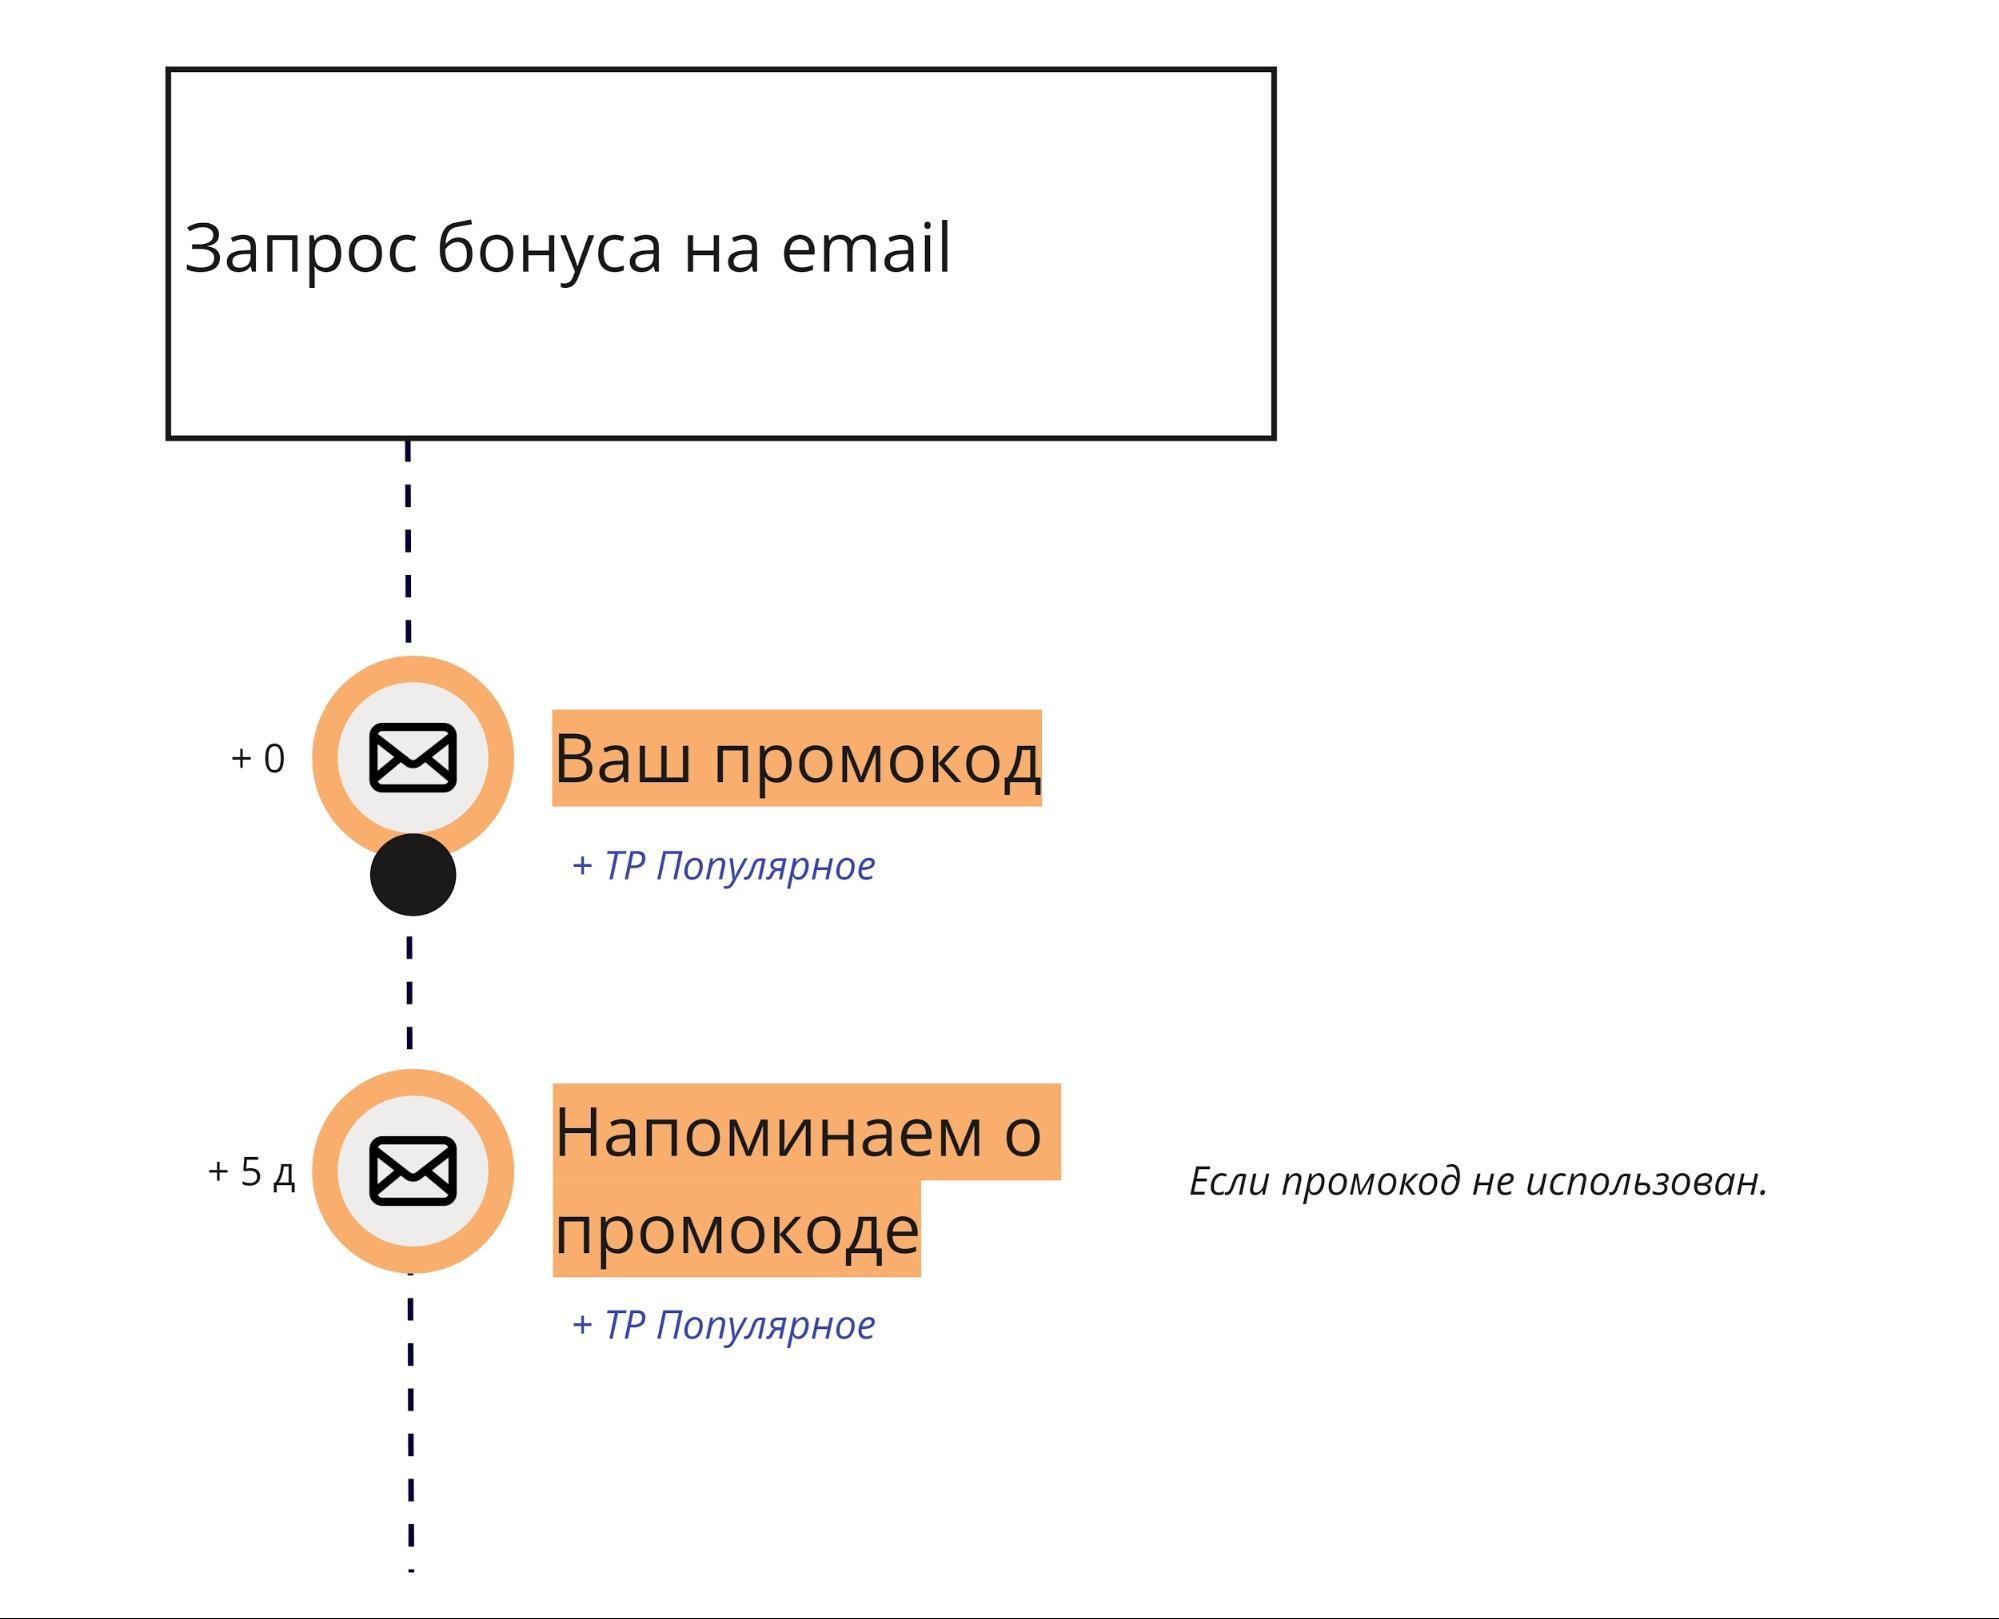 схема рассылок с учётом контрольной группы